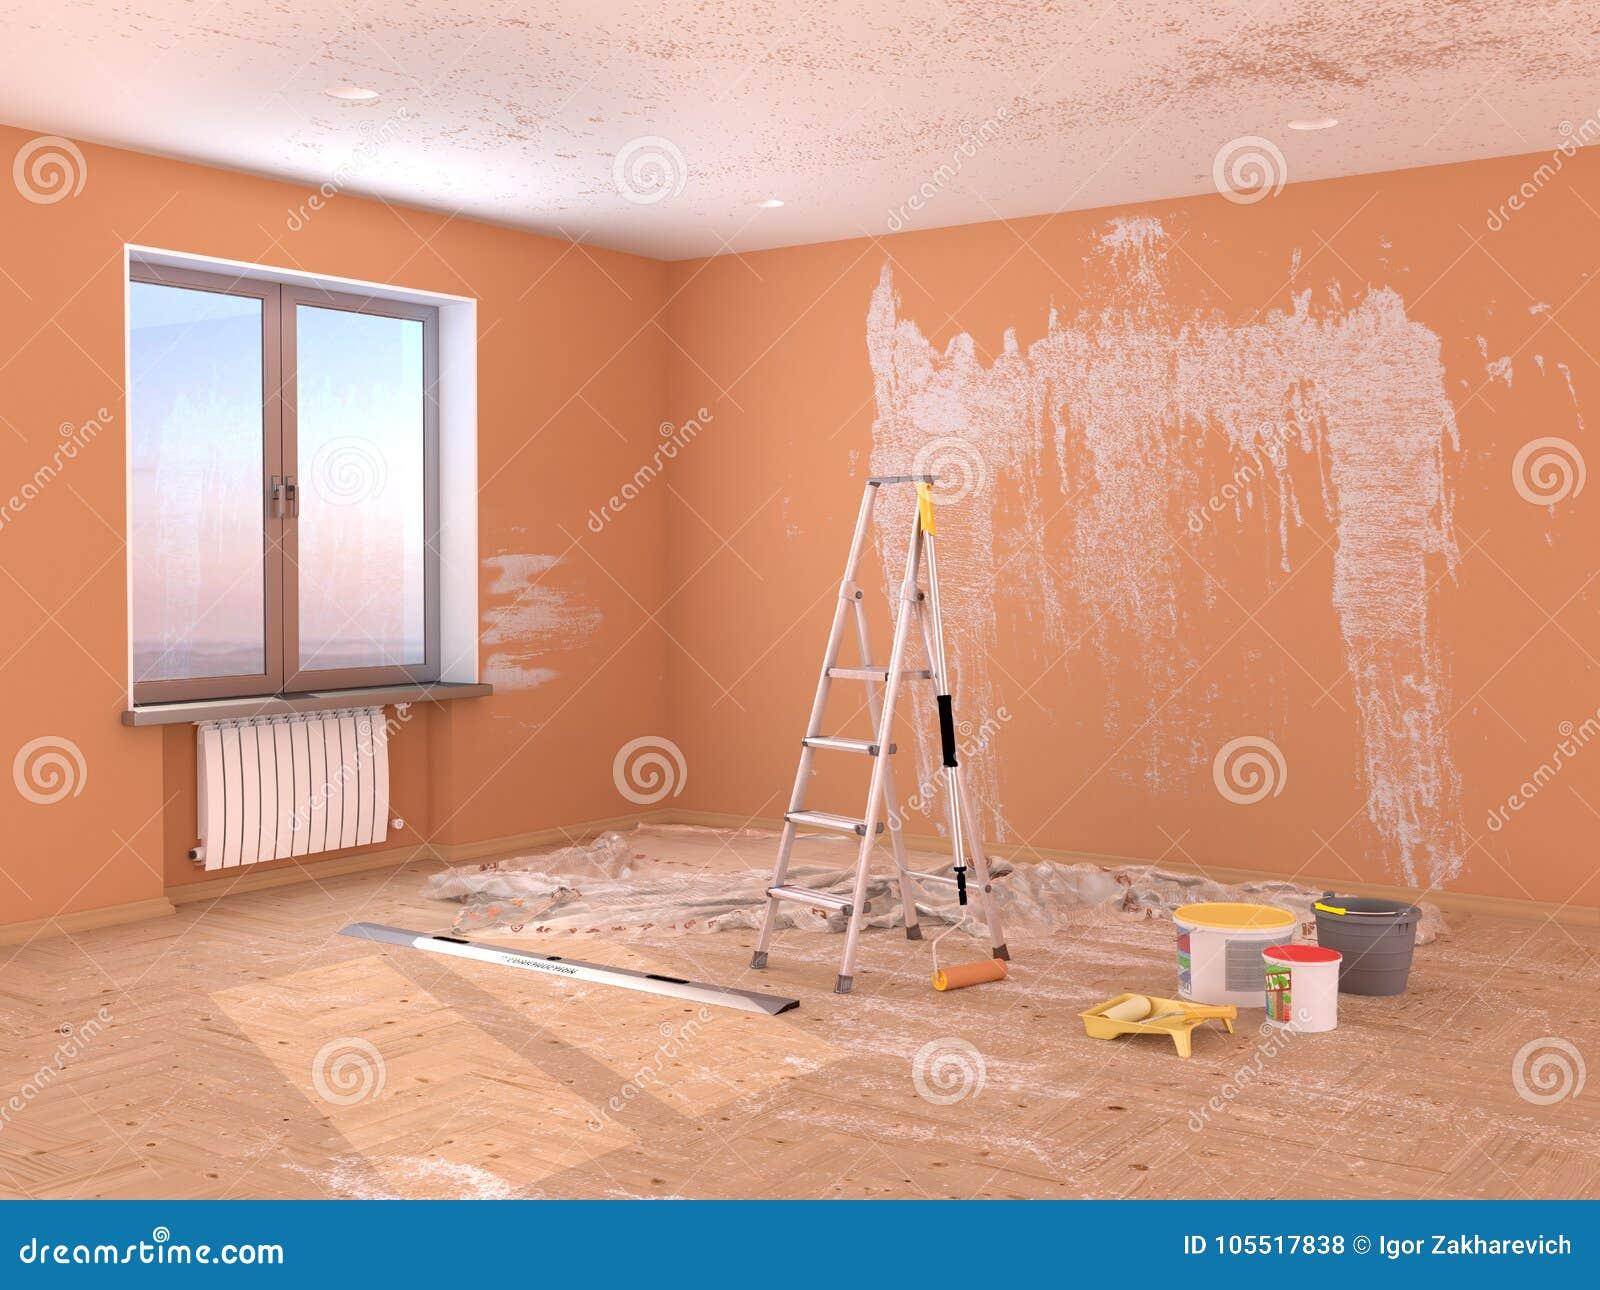 Remontowy pokój Obraz i gipsowanie ściany